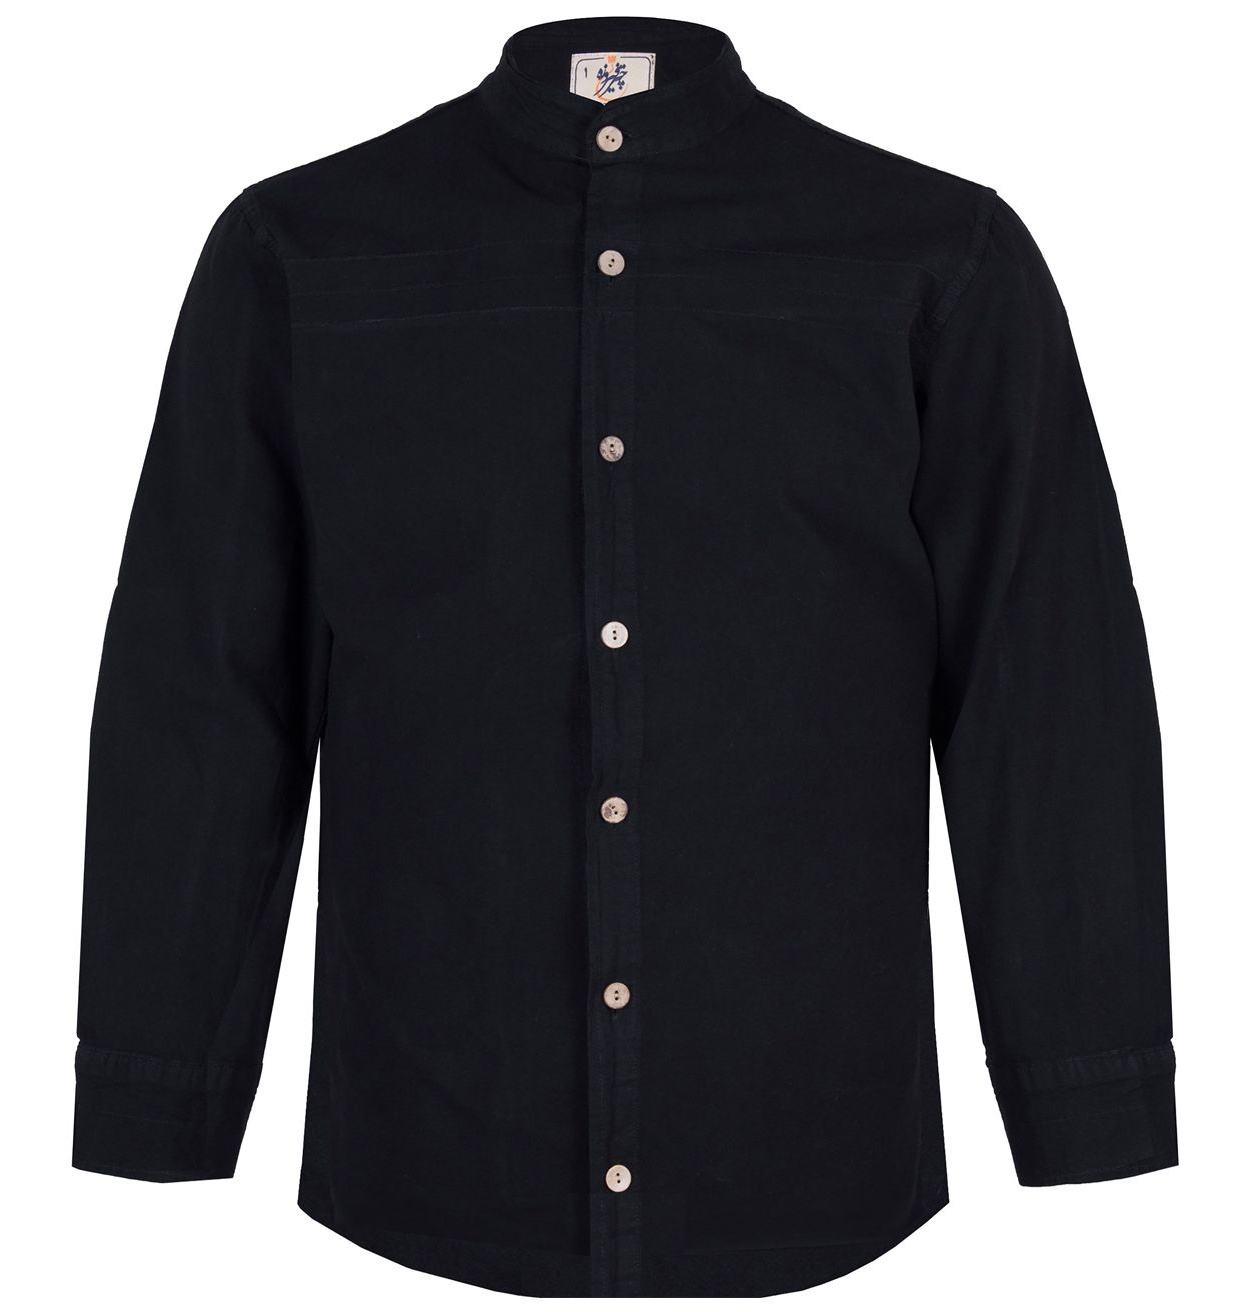 پیراهن مردانه چترفیروزه مدل جلوباز کد 2 main 1 1